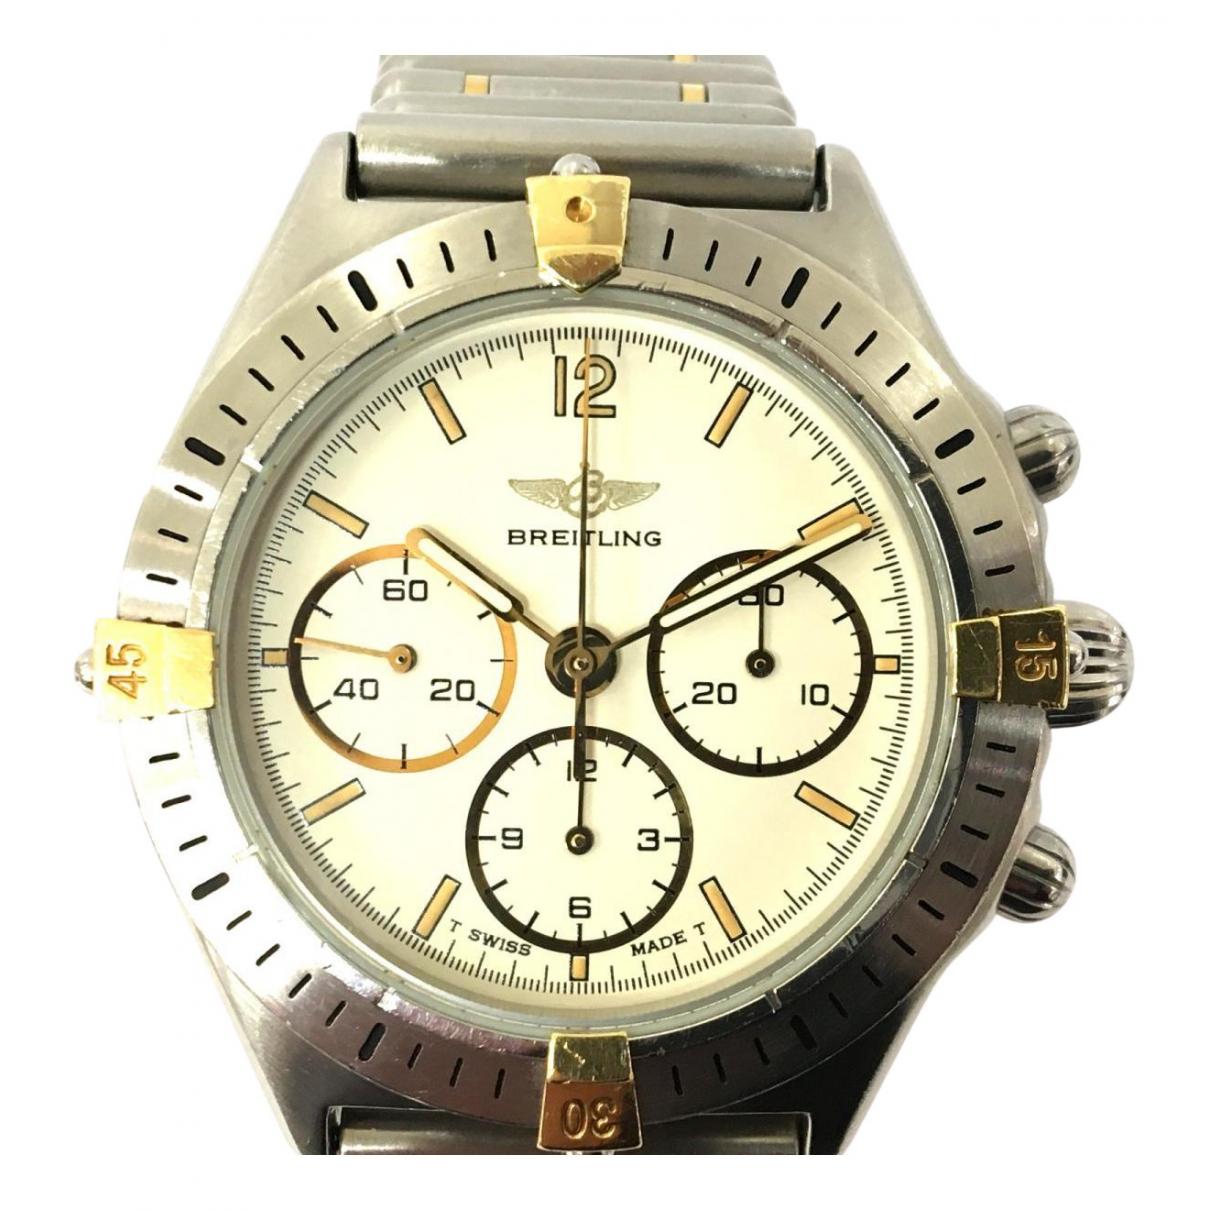 Breitling \N Uhr in  Silber Gold und Stahl